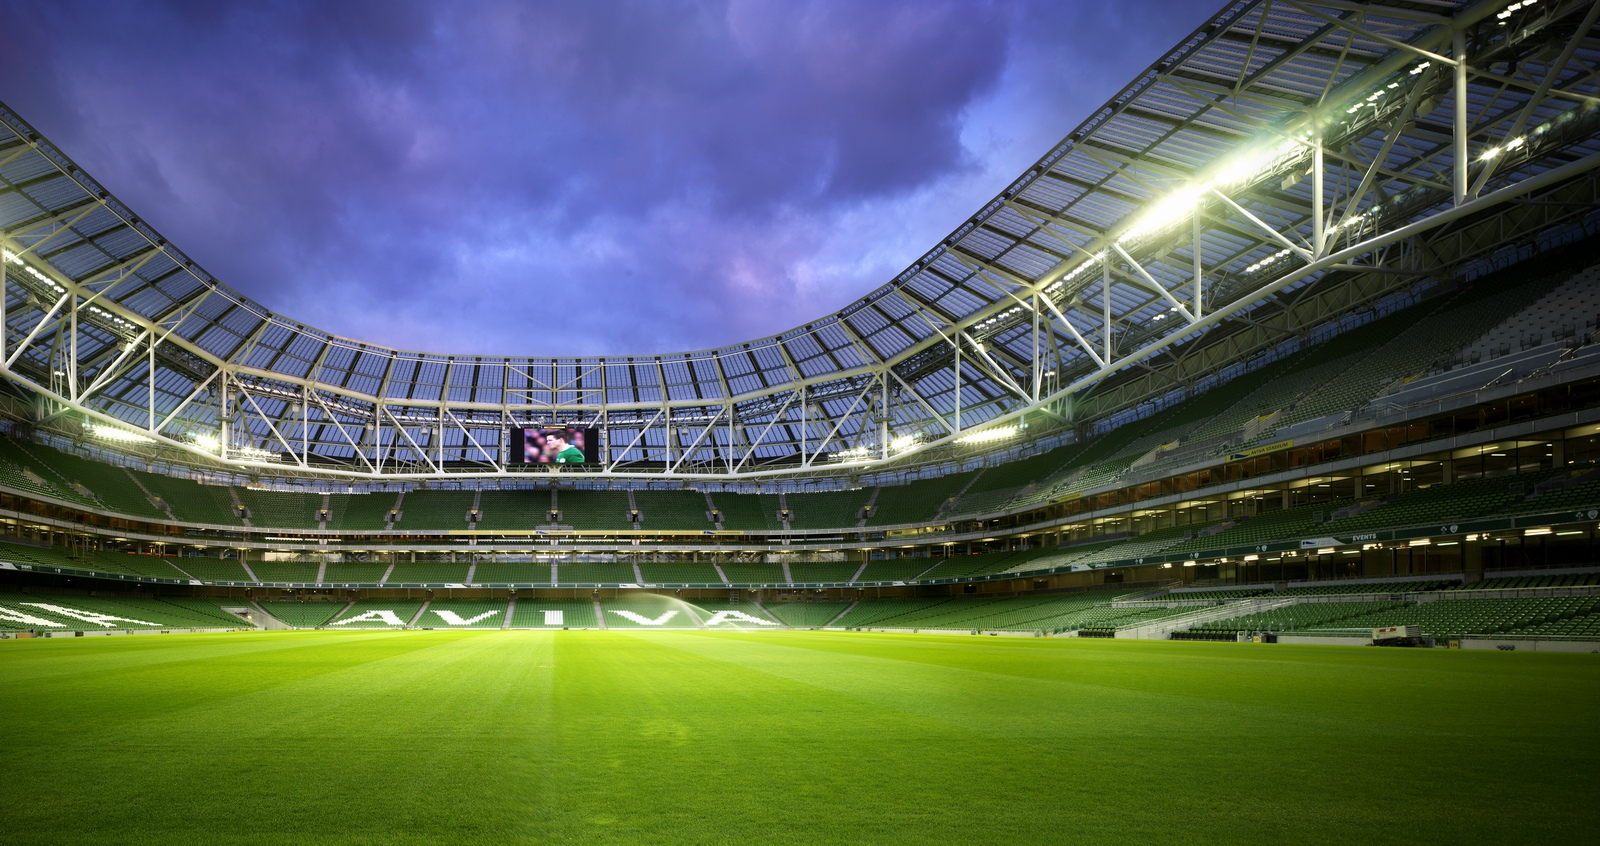 свидание на стадионе, предложение на стадионе Одесса